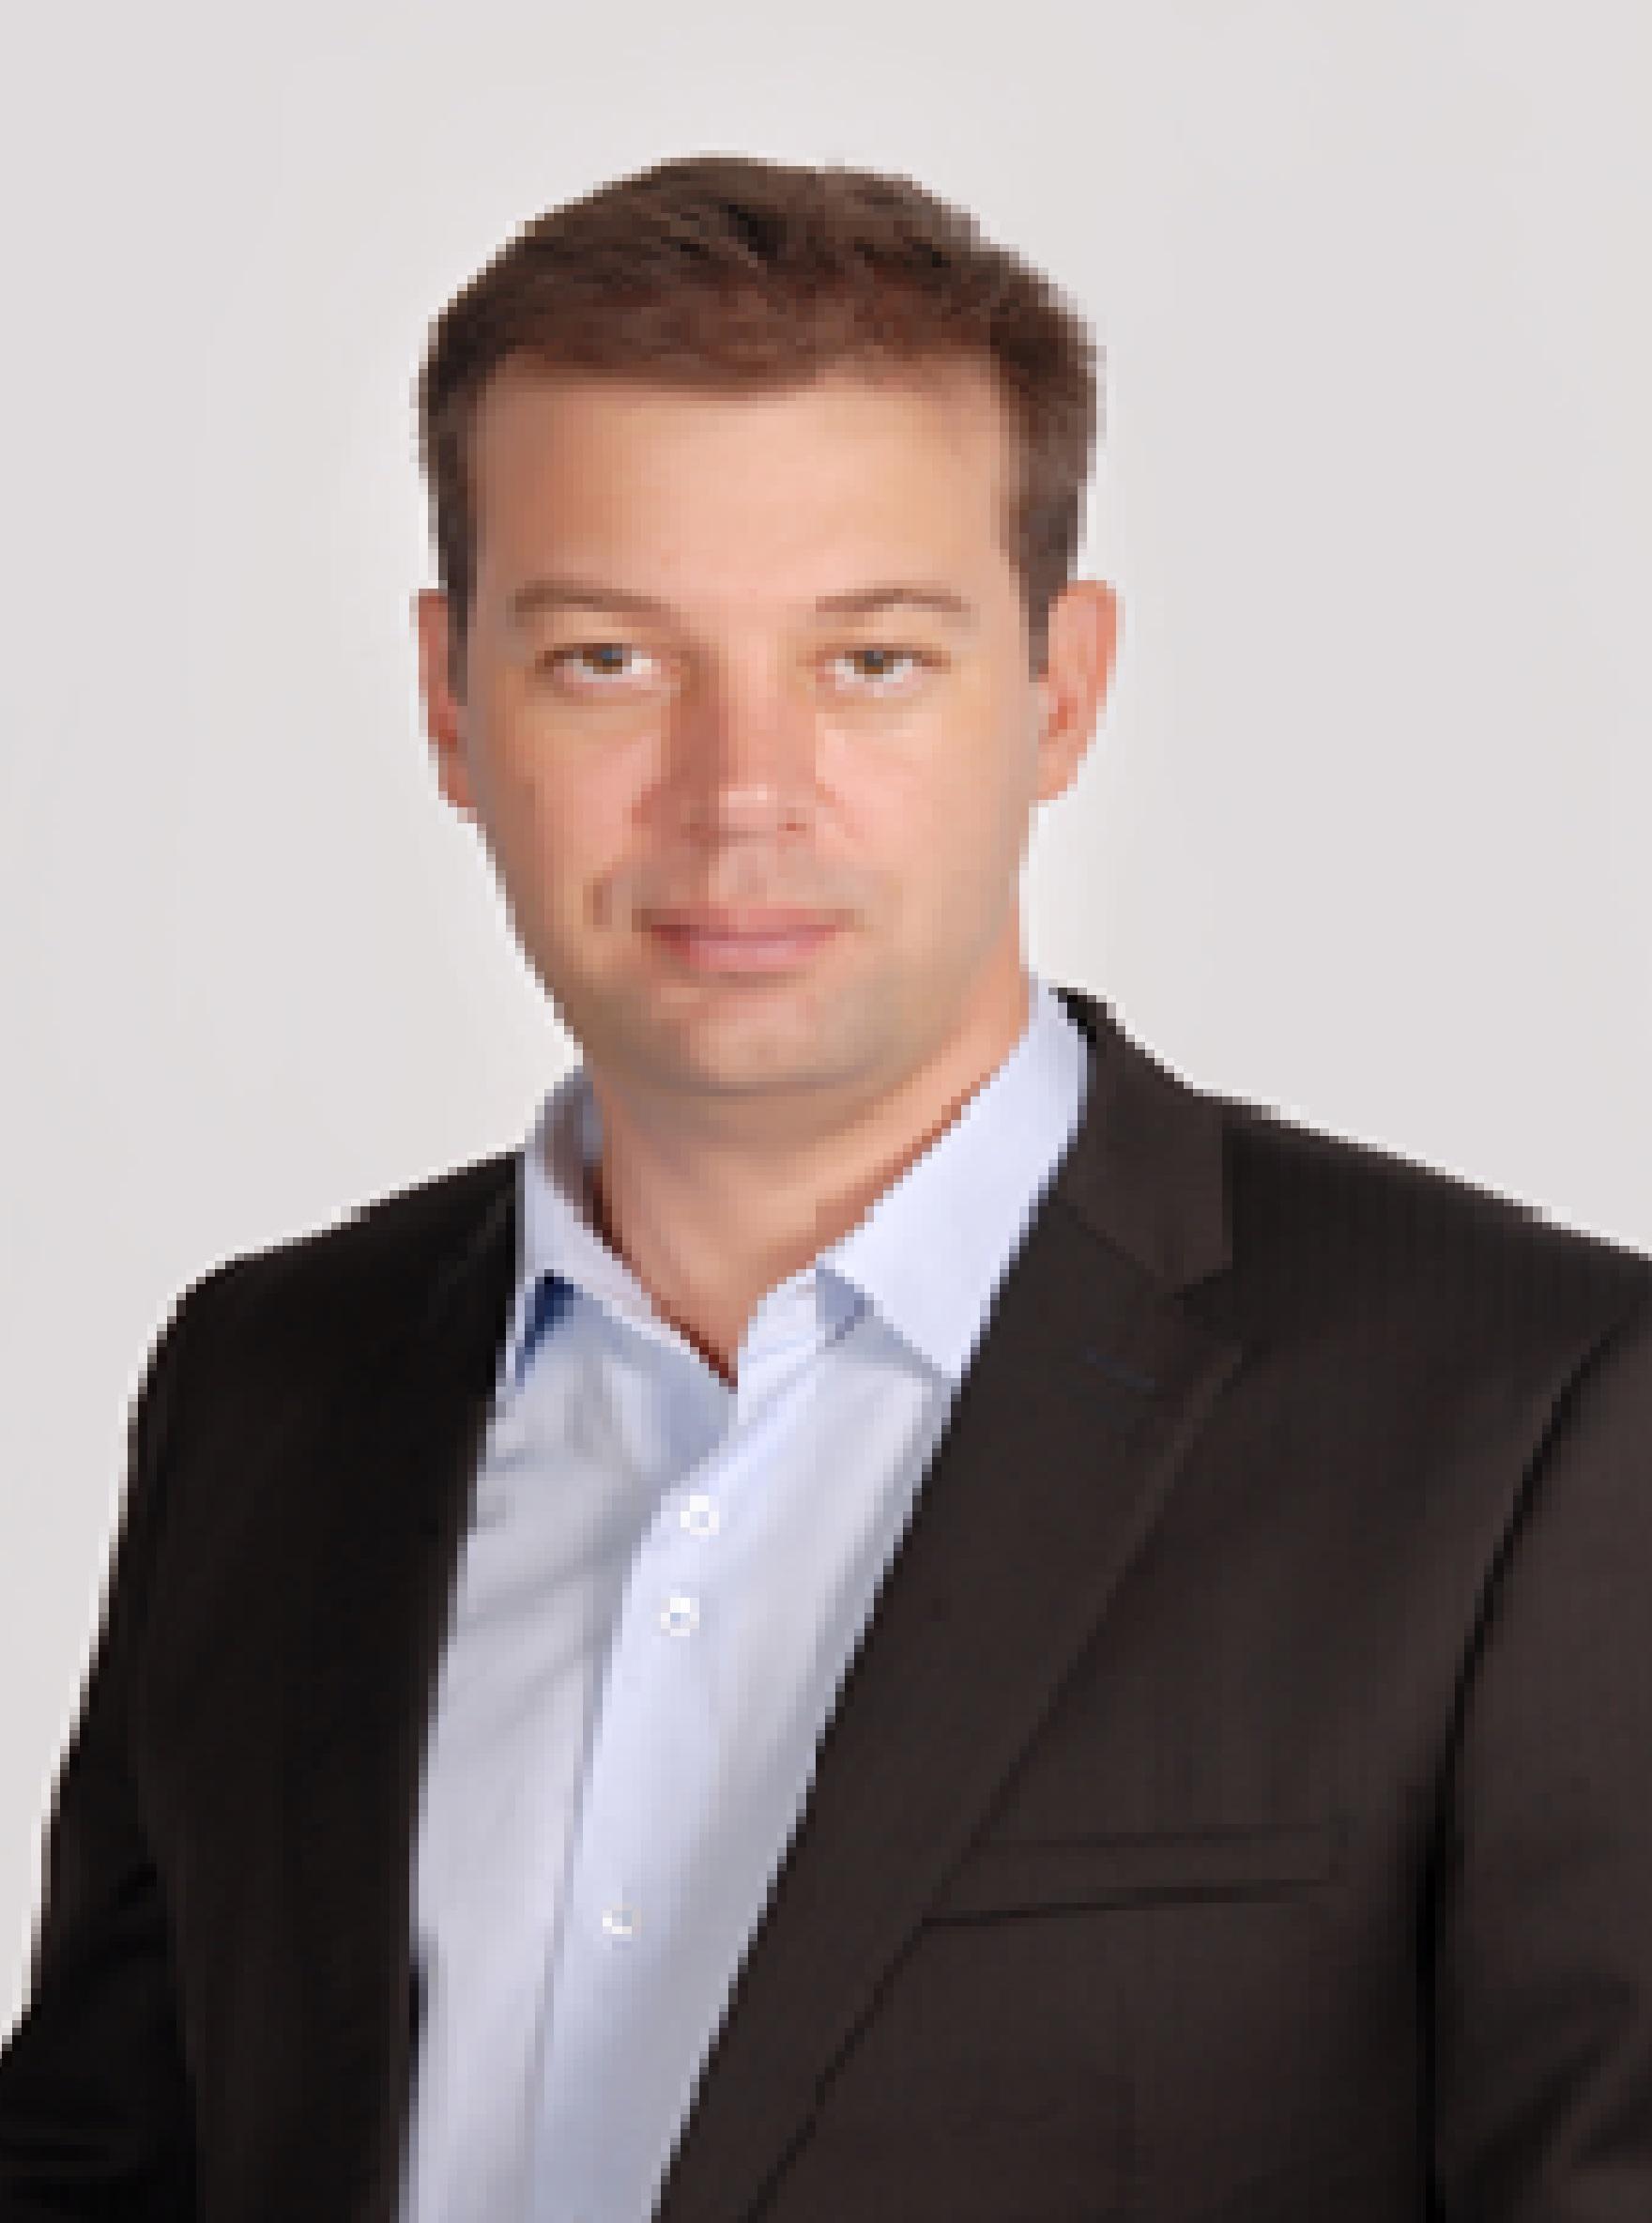 سيباستيان بافي